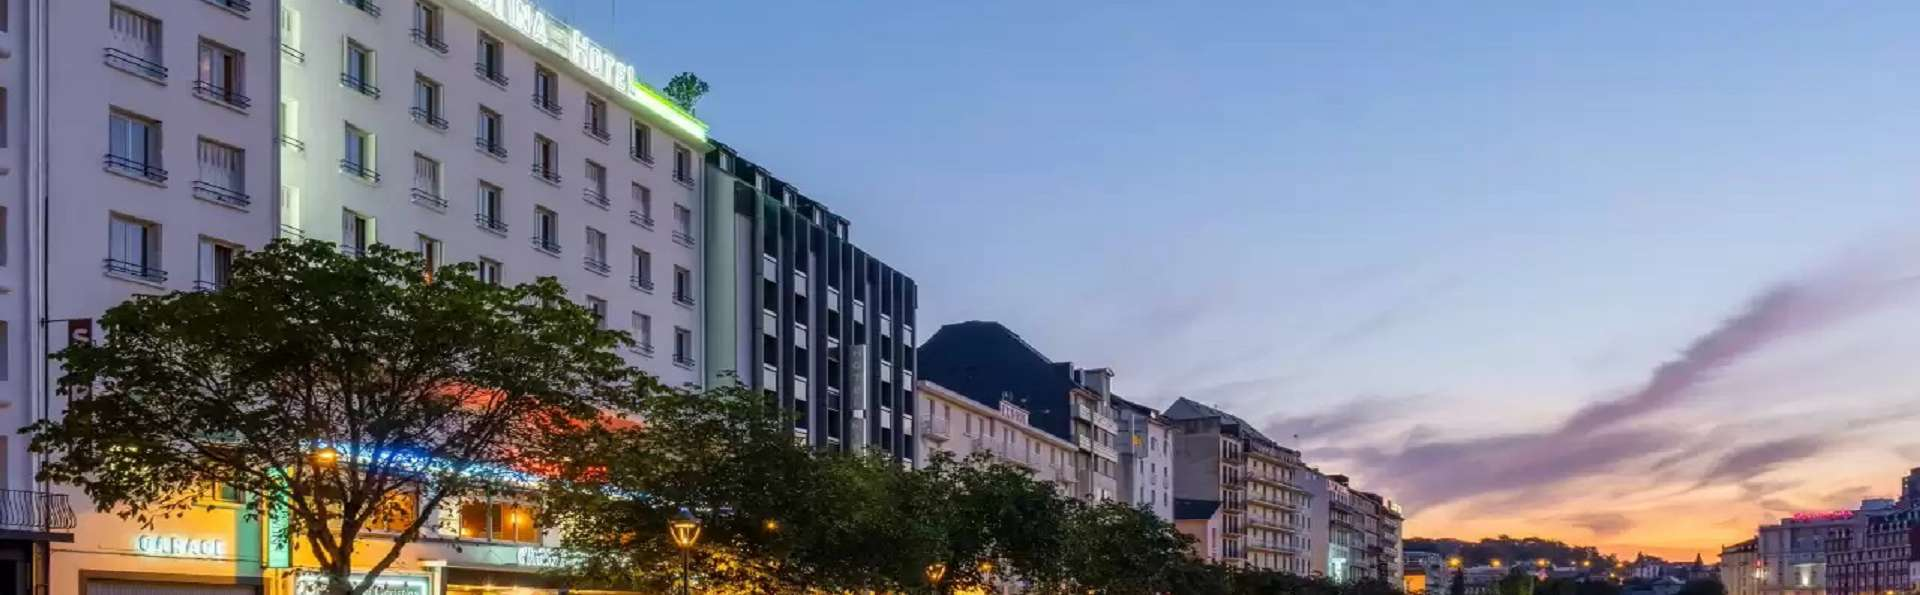 Quality Hotel Christina - FR497EXTERIOR2_1.jpg